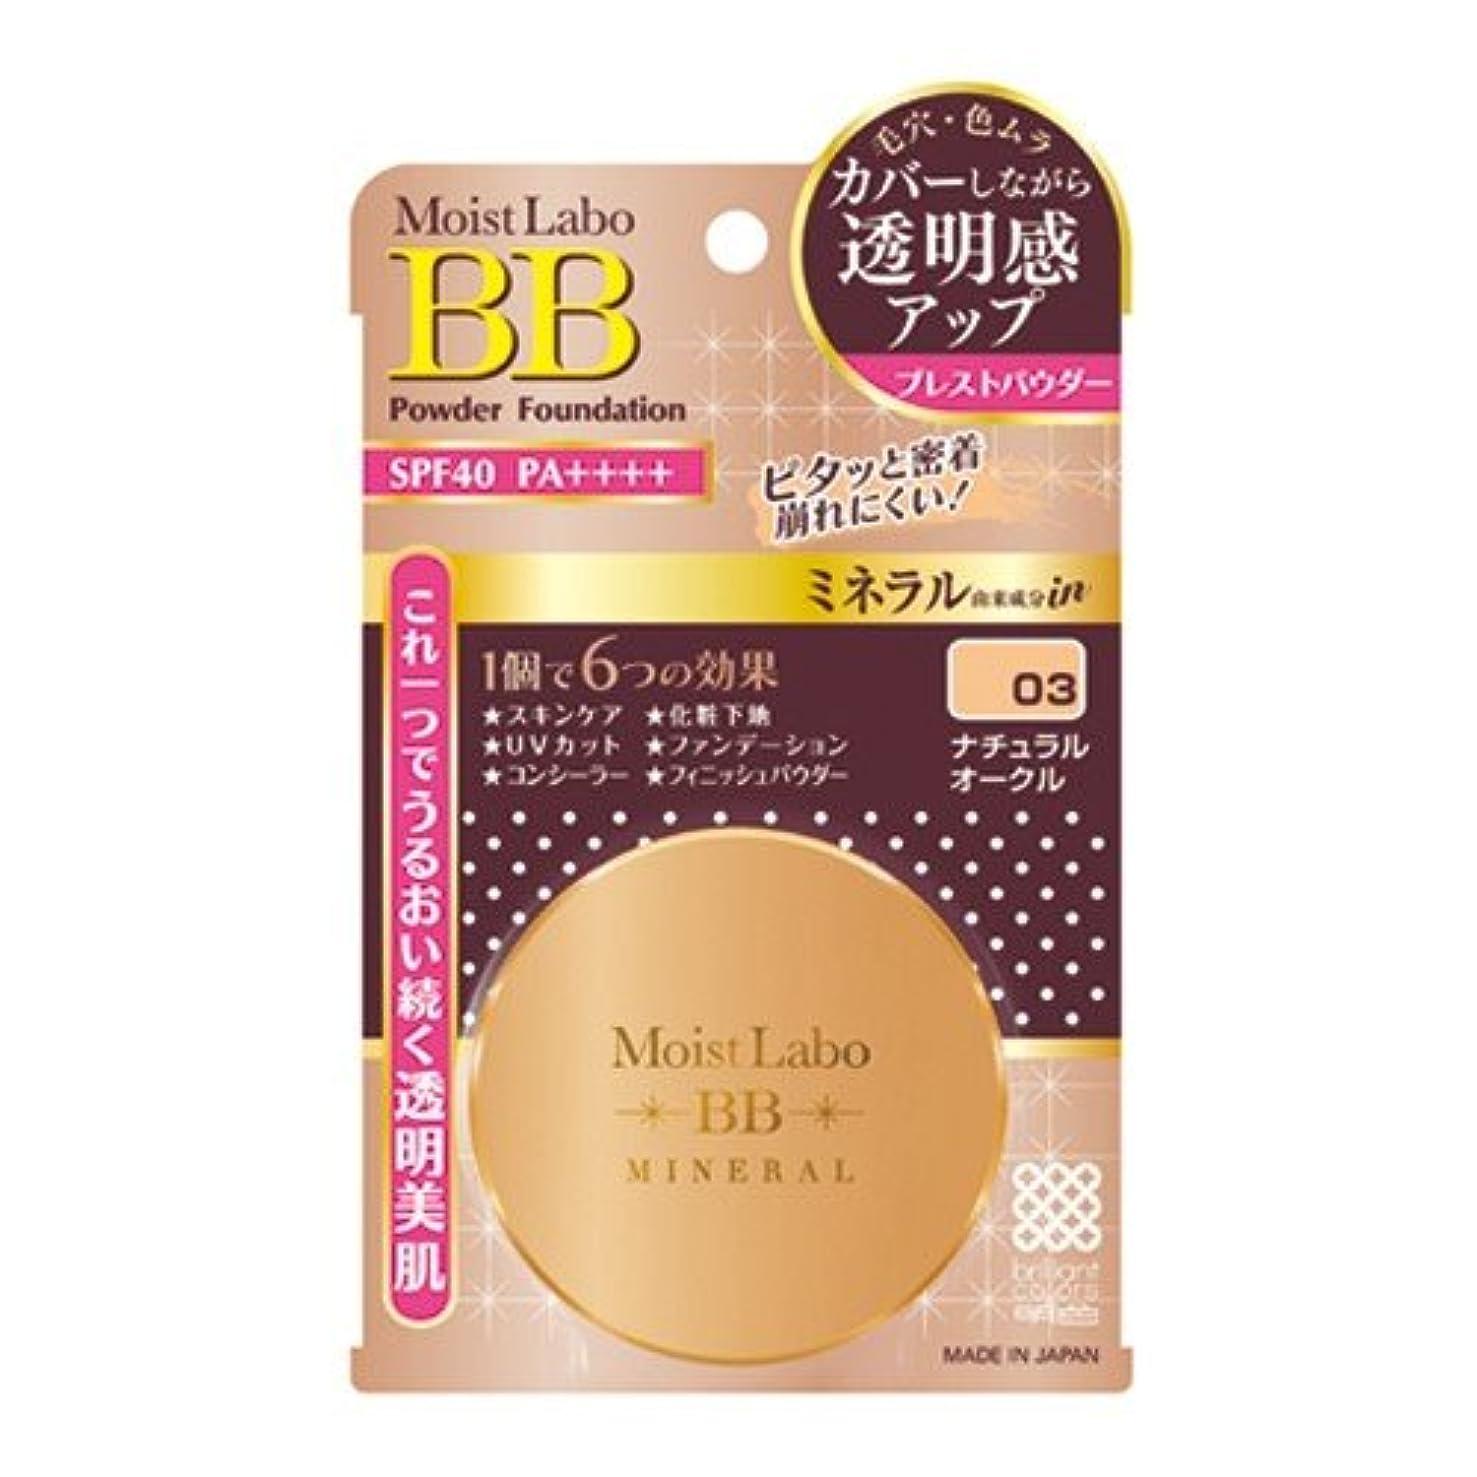 リッチ入手しますベンチモイストラボBBミネラルプレストパウダー <ナチュラルオークル> (日本製) SPF40 PA++++